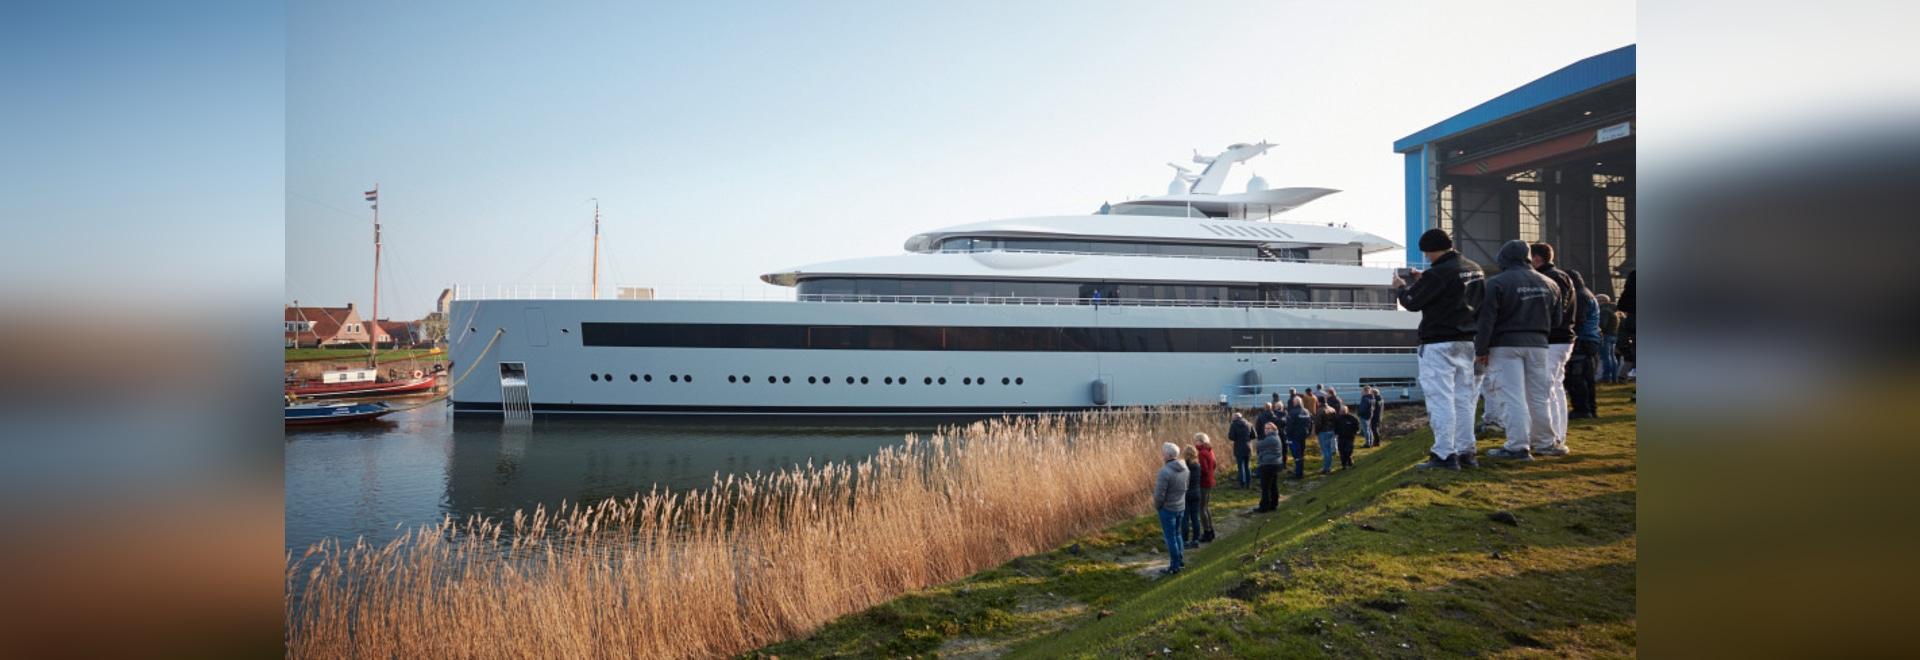 El buque insignia lanza un nuevo superyate de 100 metros